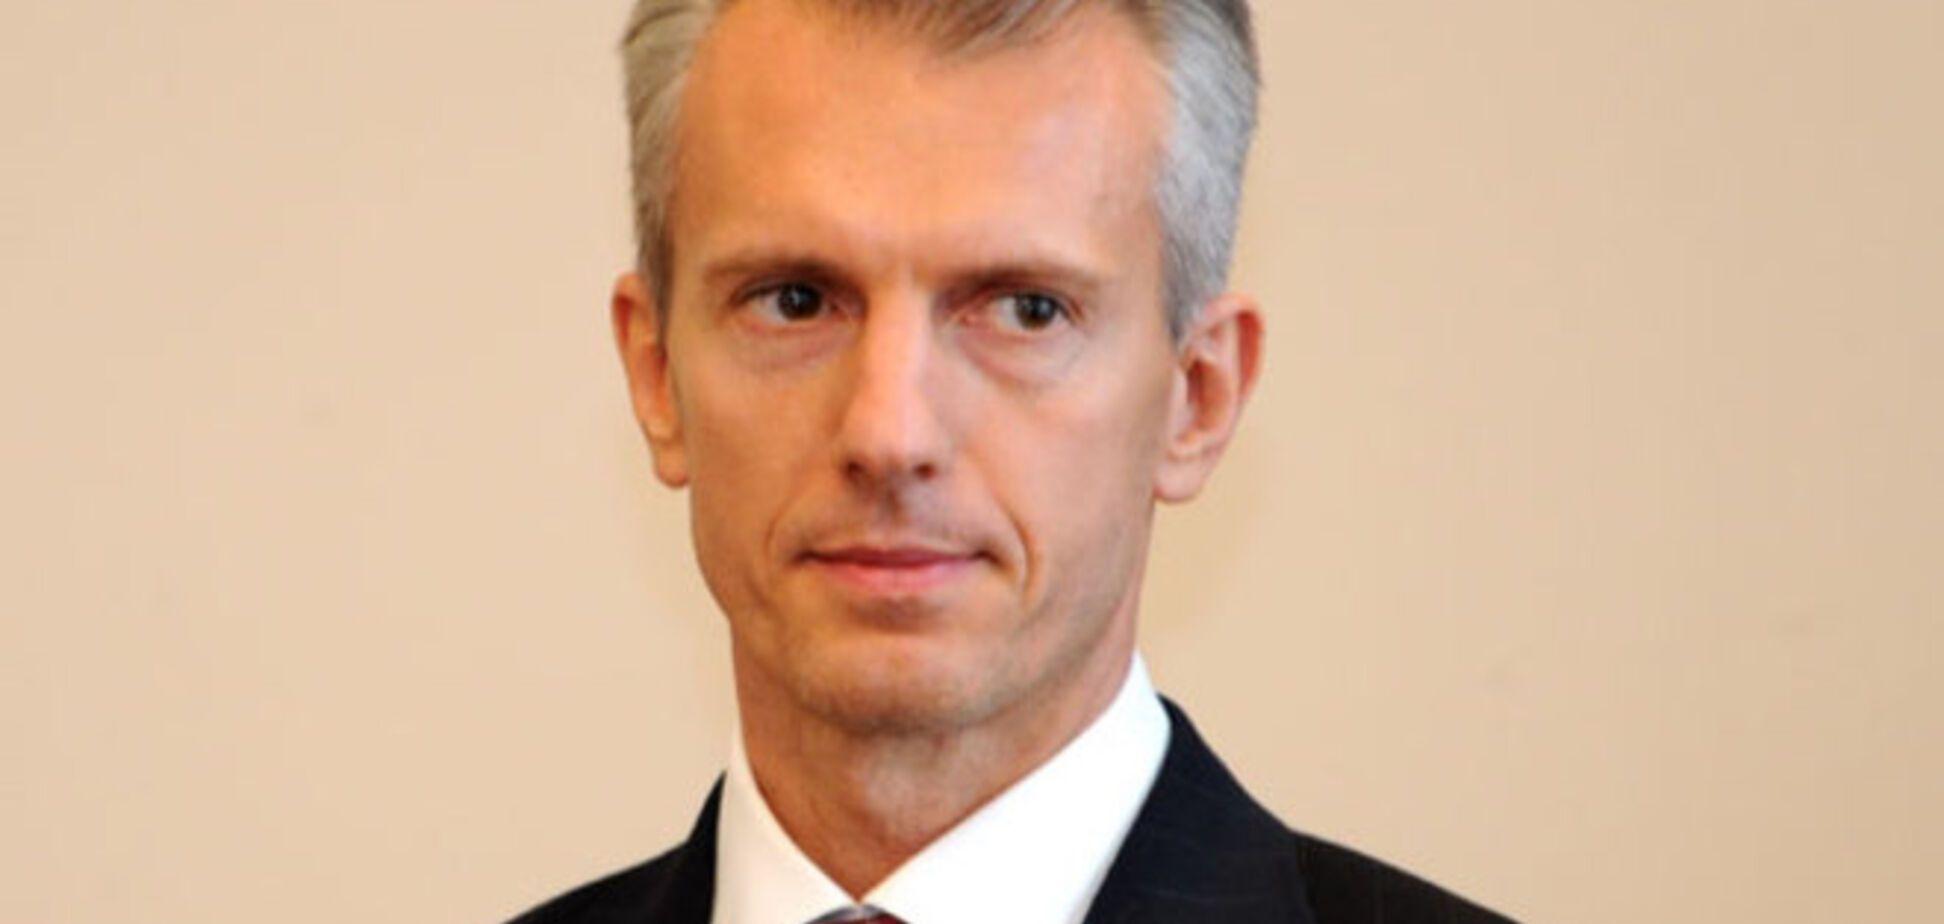 Хорошковского зарегистрировали кандидатом в нардепы на основании справок